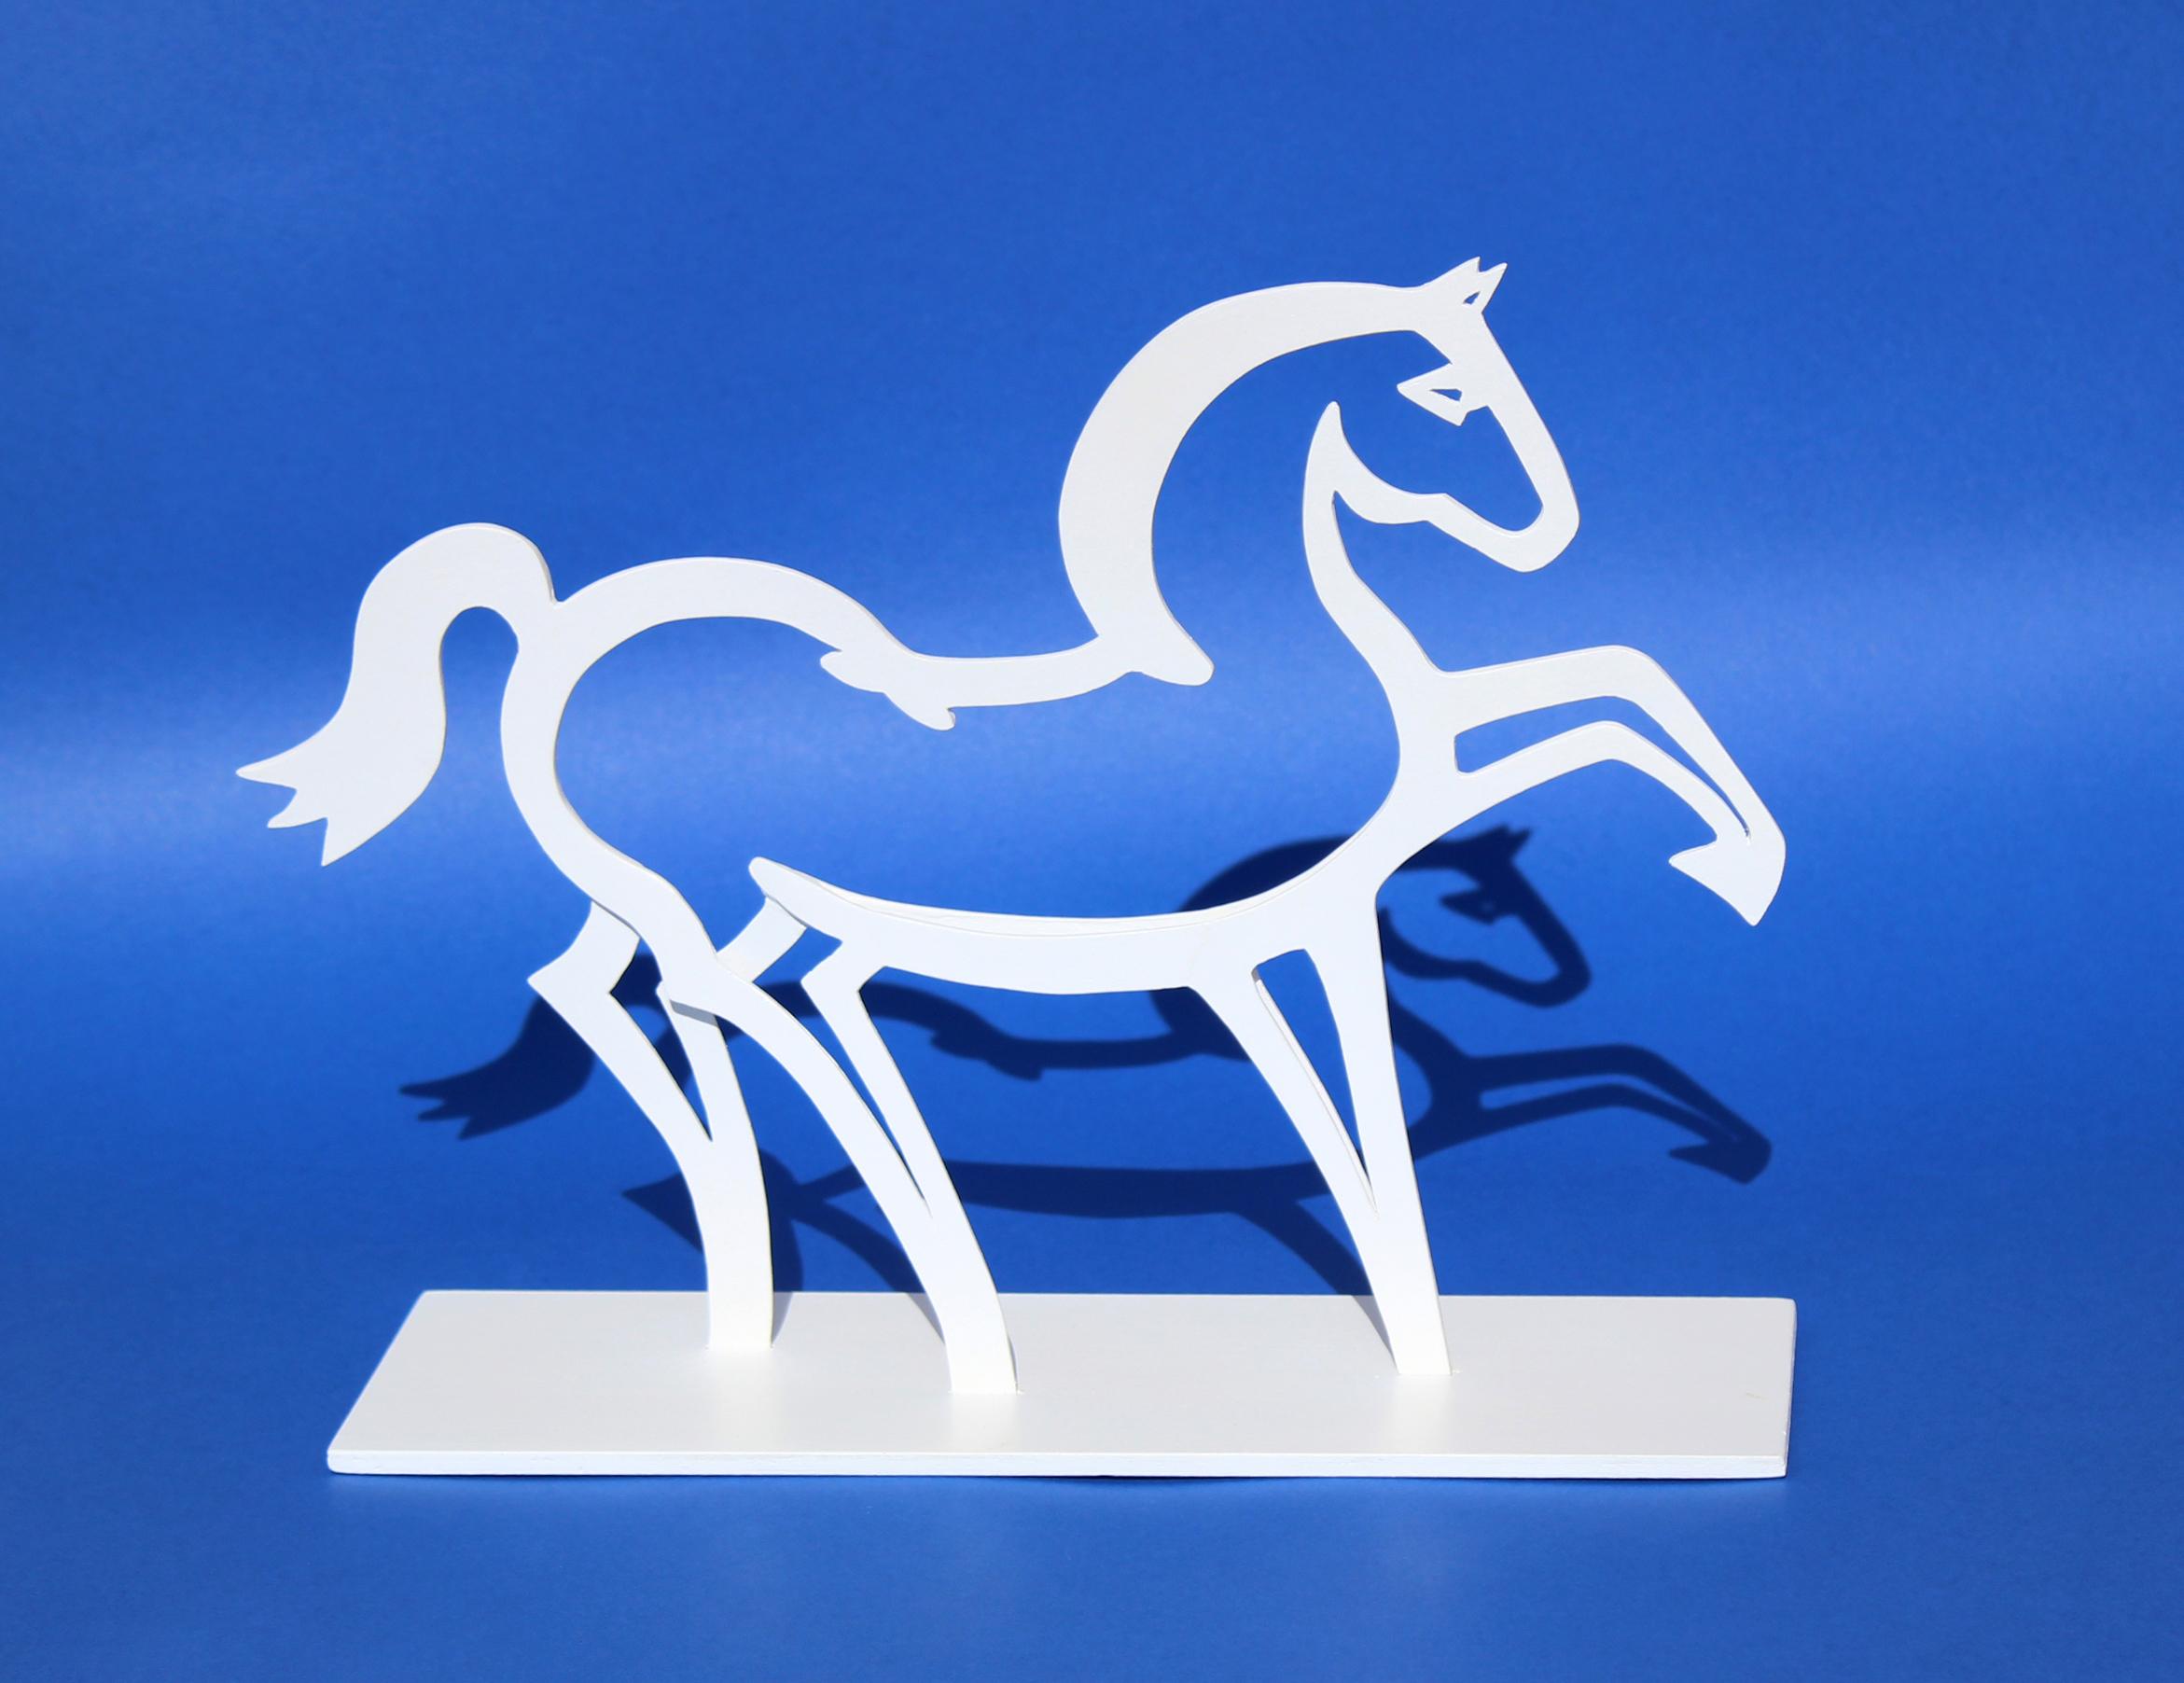 A WHITE HORSE FOR ASHFORD